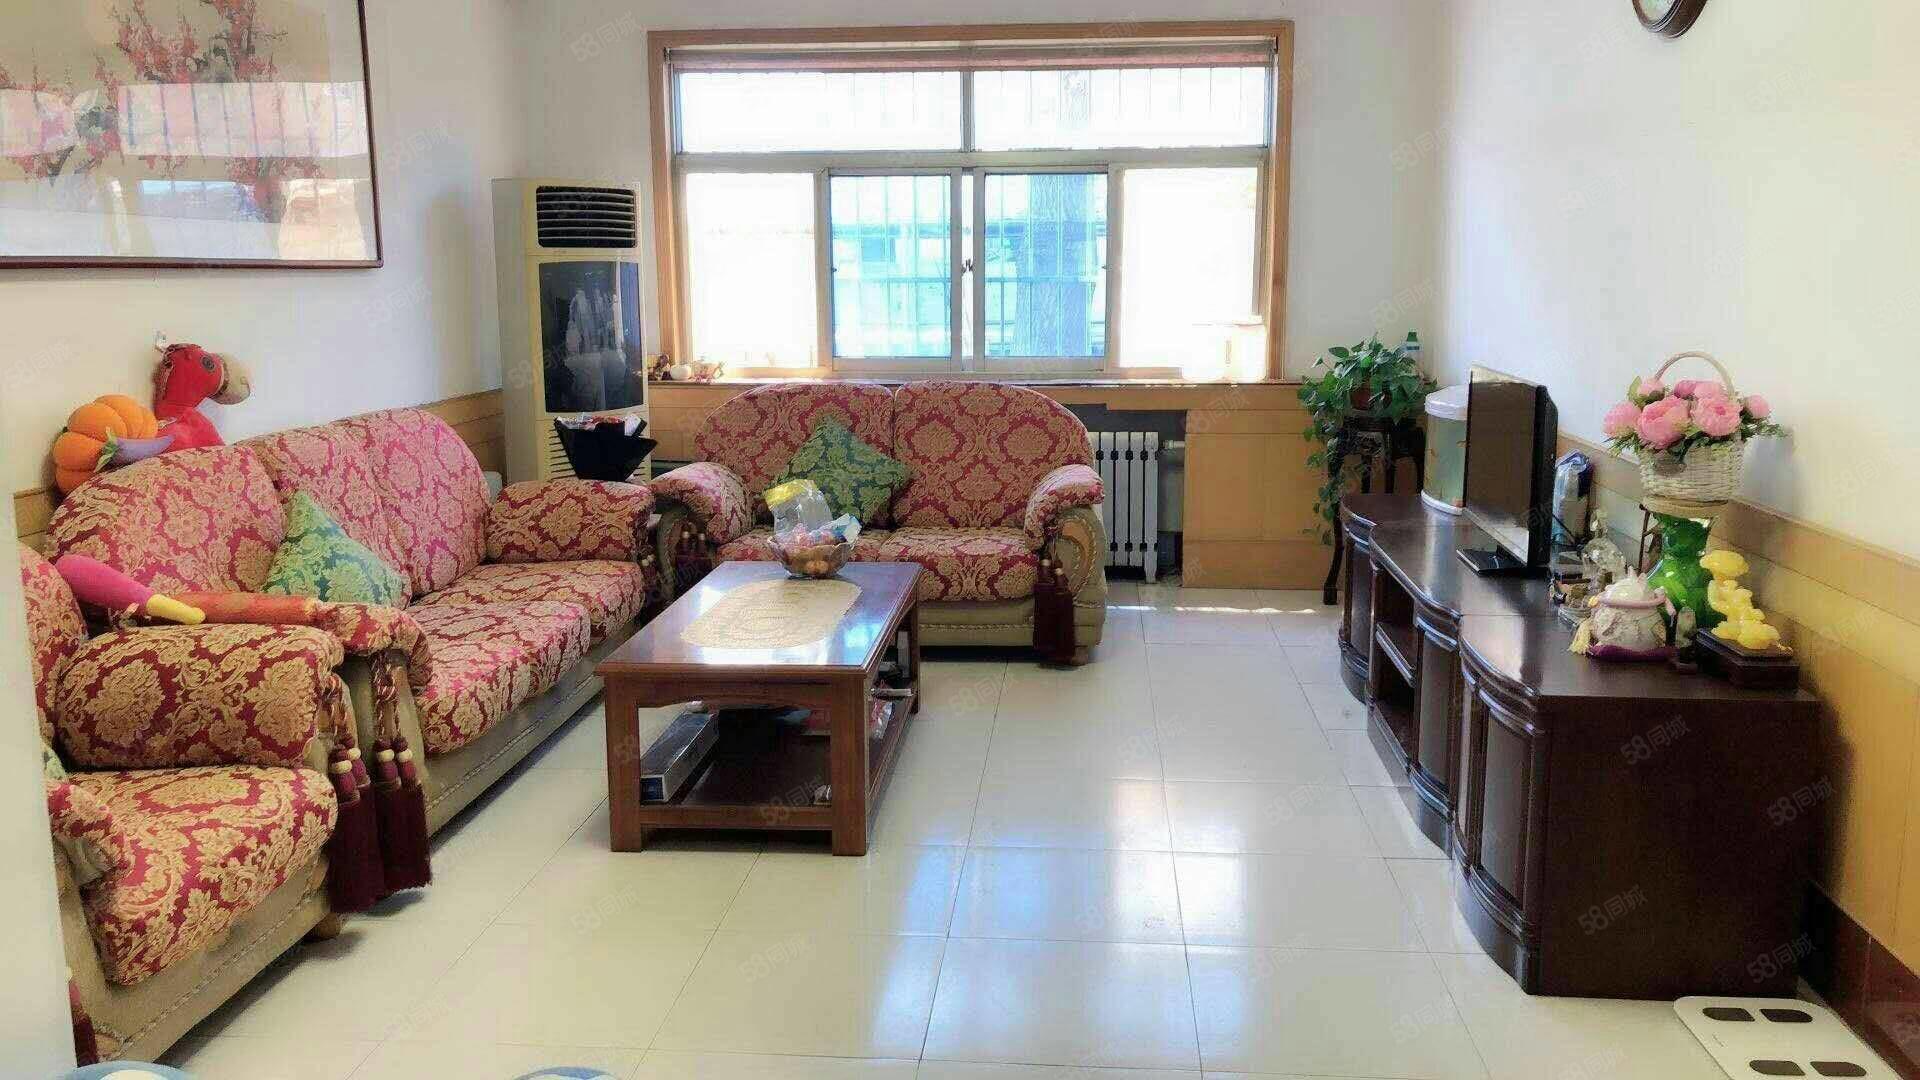 房子位于利津县联通公司家属院一楼简装修带地下室停车位